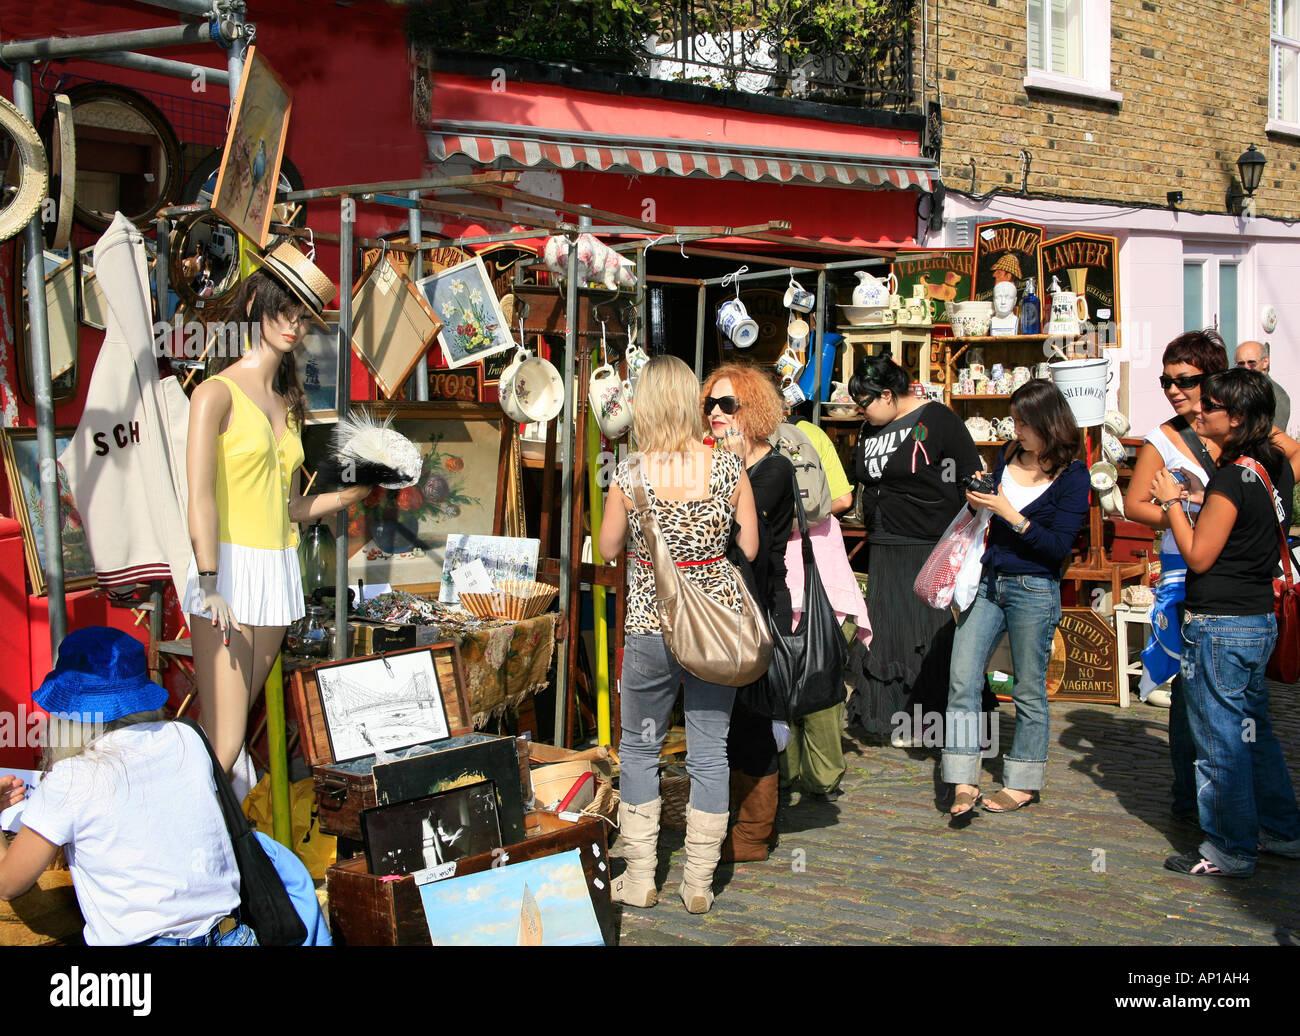 El mercado de Portobello Road en Londres Foto de stock